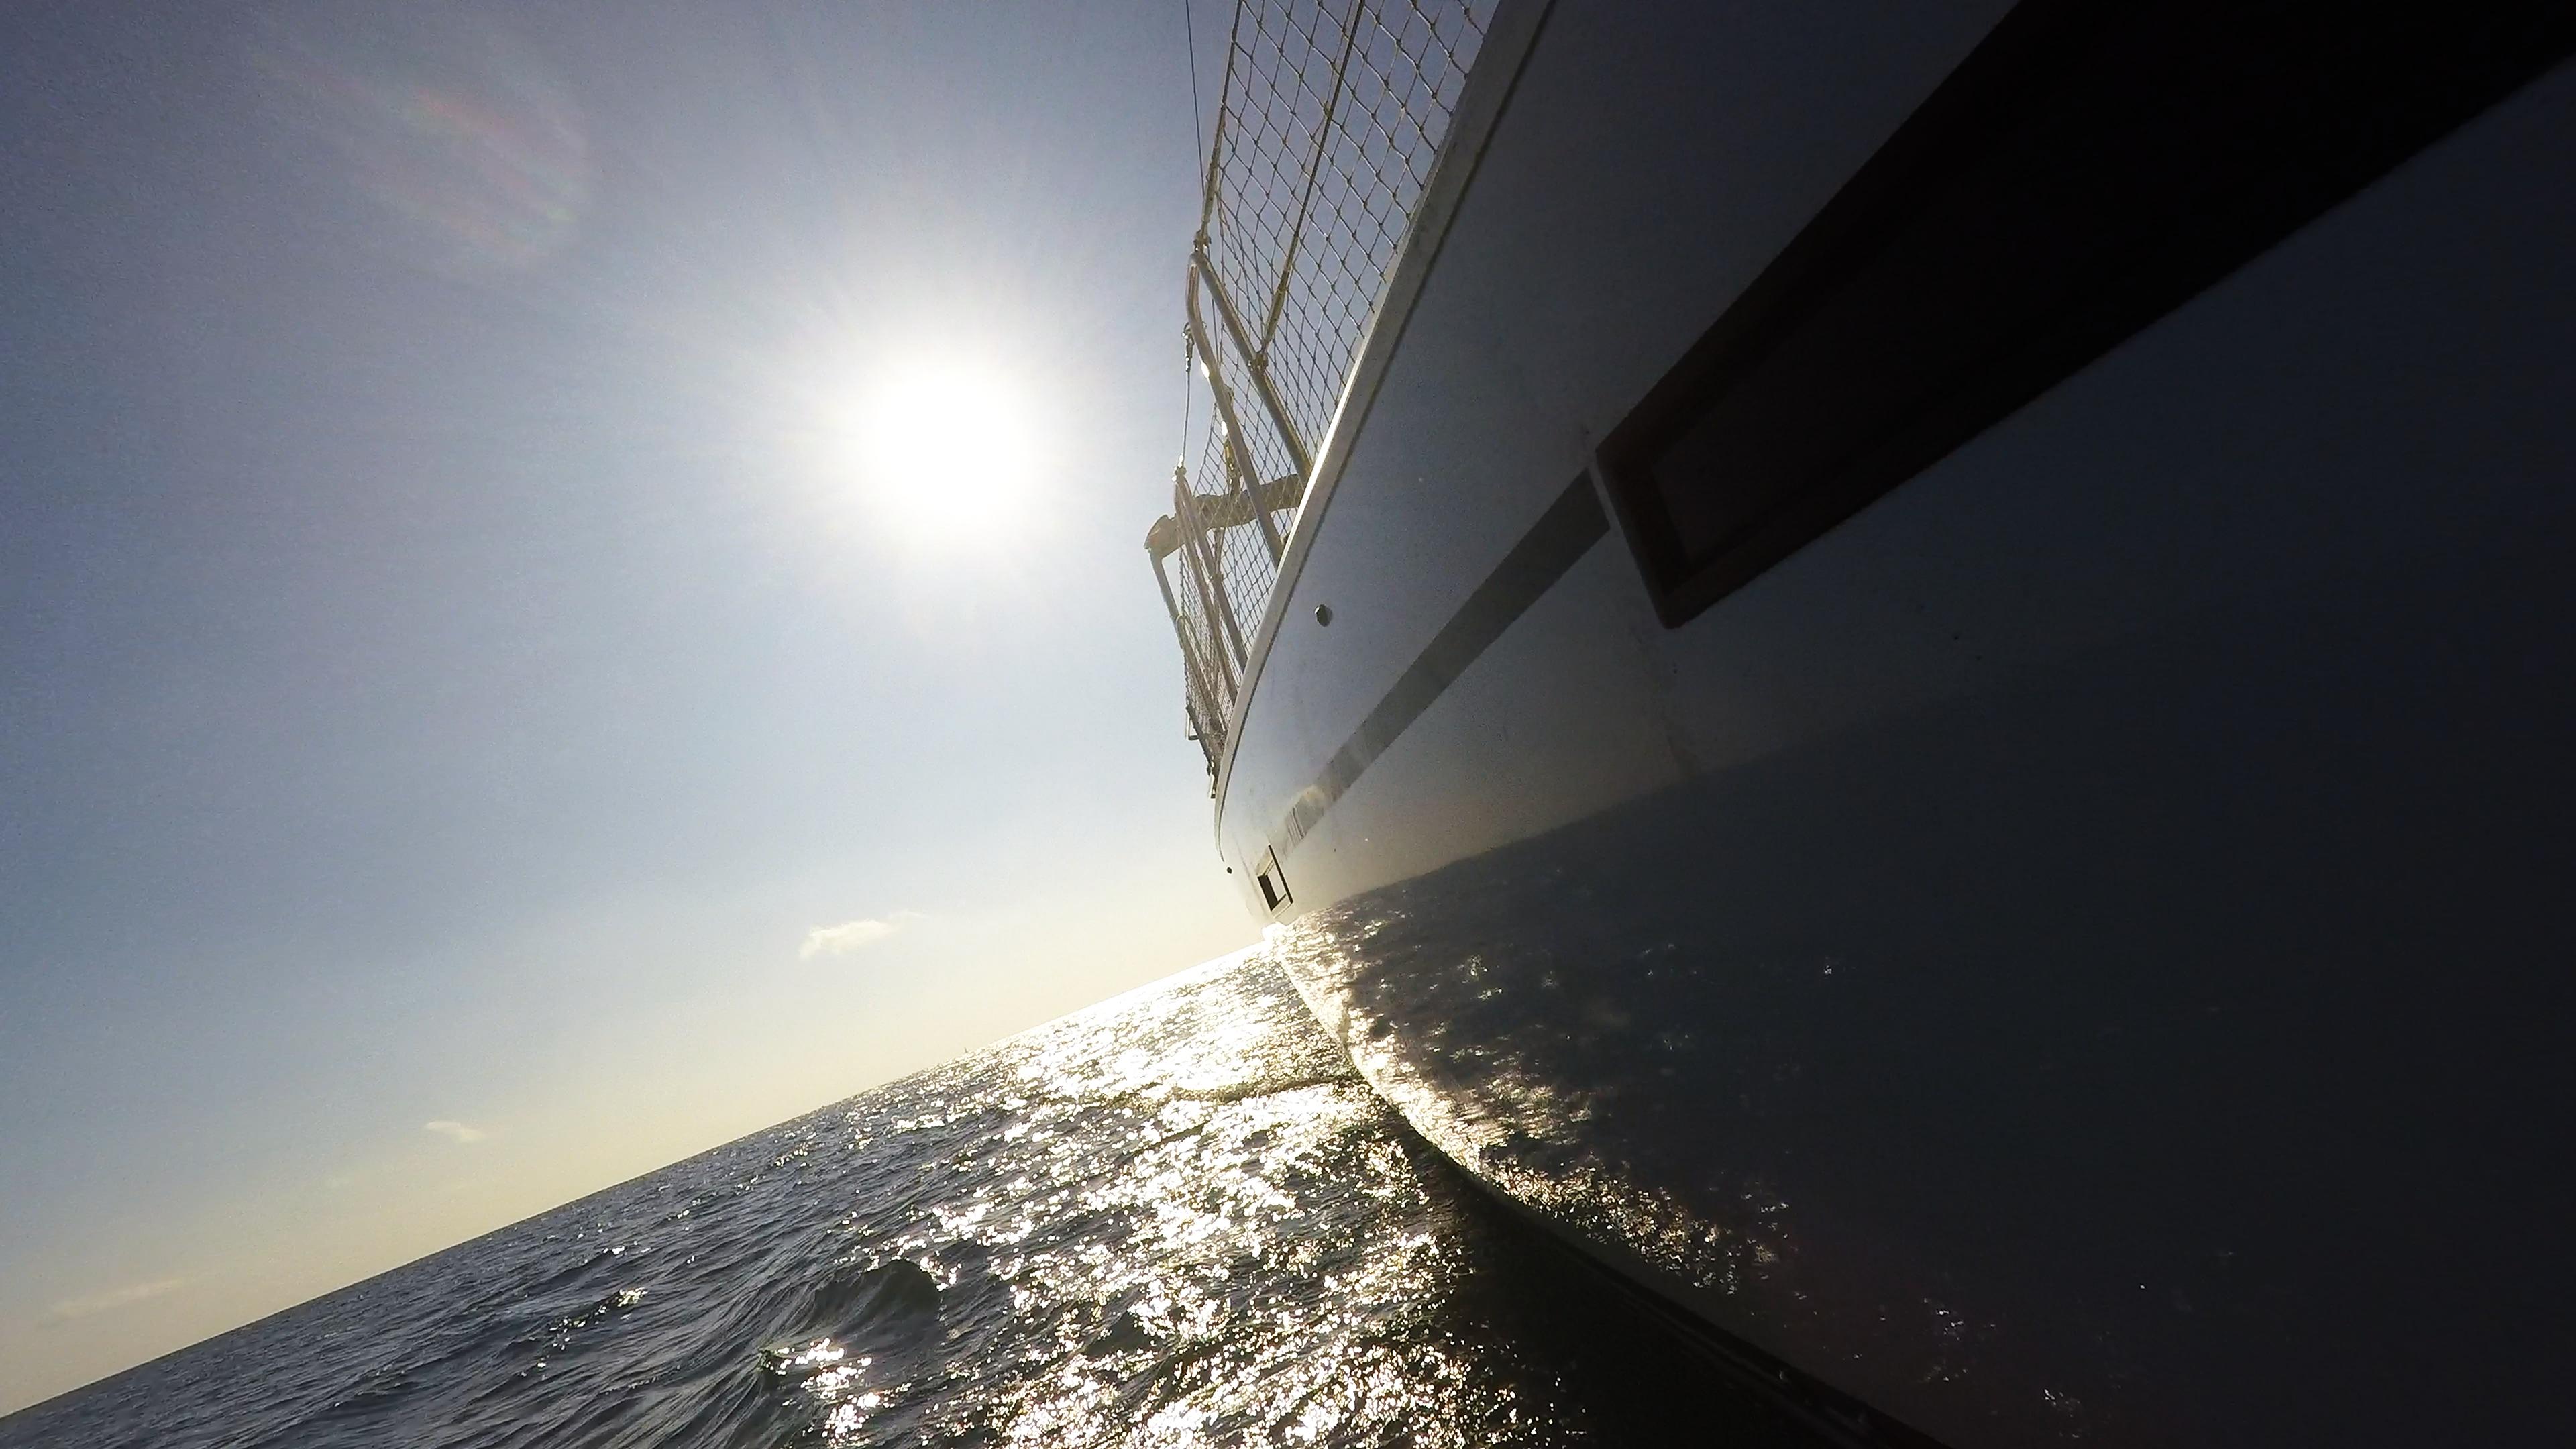 sailing yacht side hull window sailing yacht sun sea